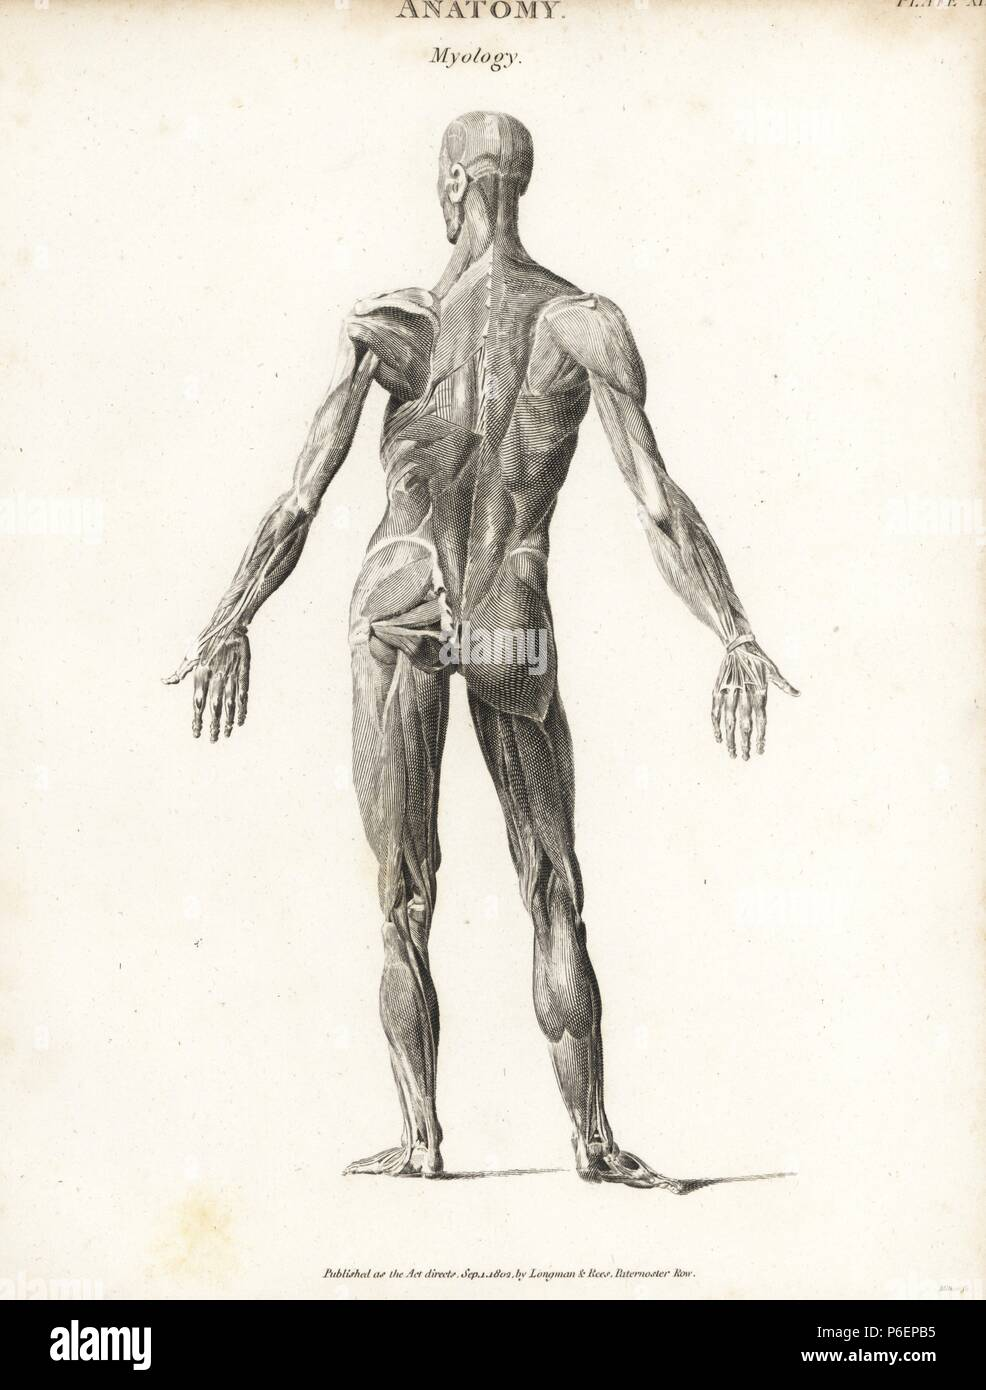 Anatomie der menschlichen Muskulatur von der Rückseite mit äußeren ...